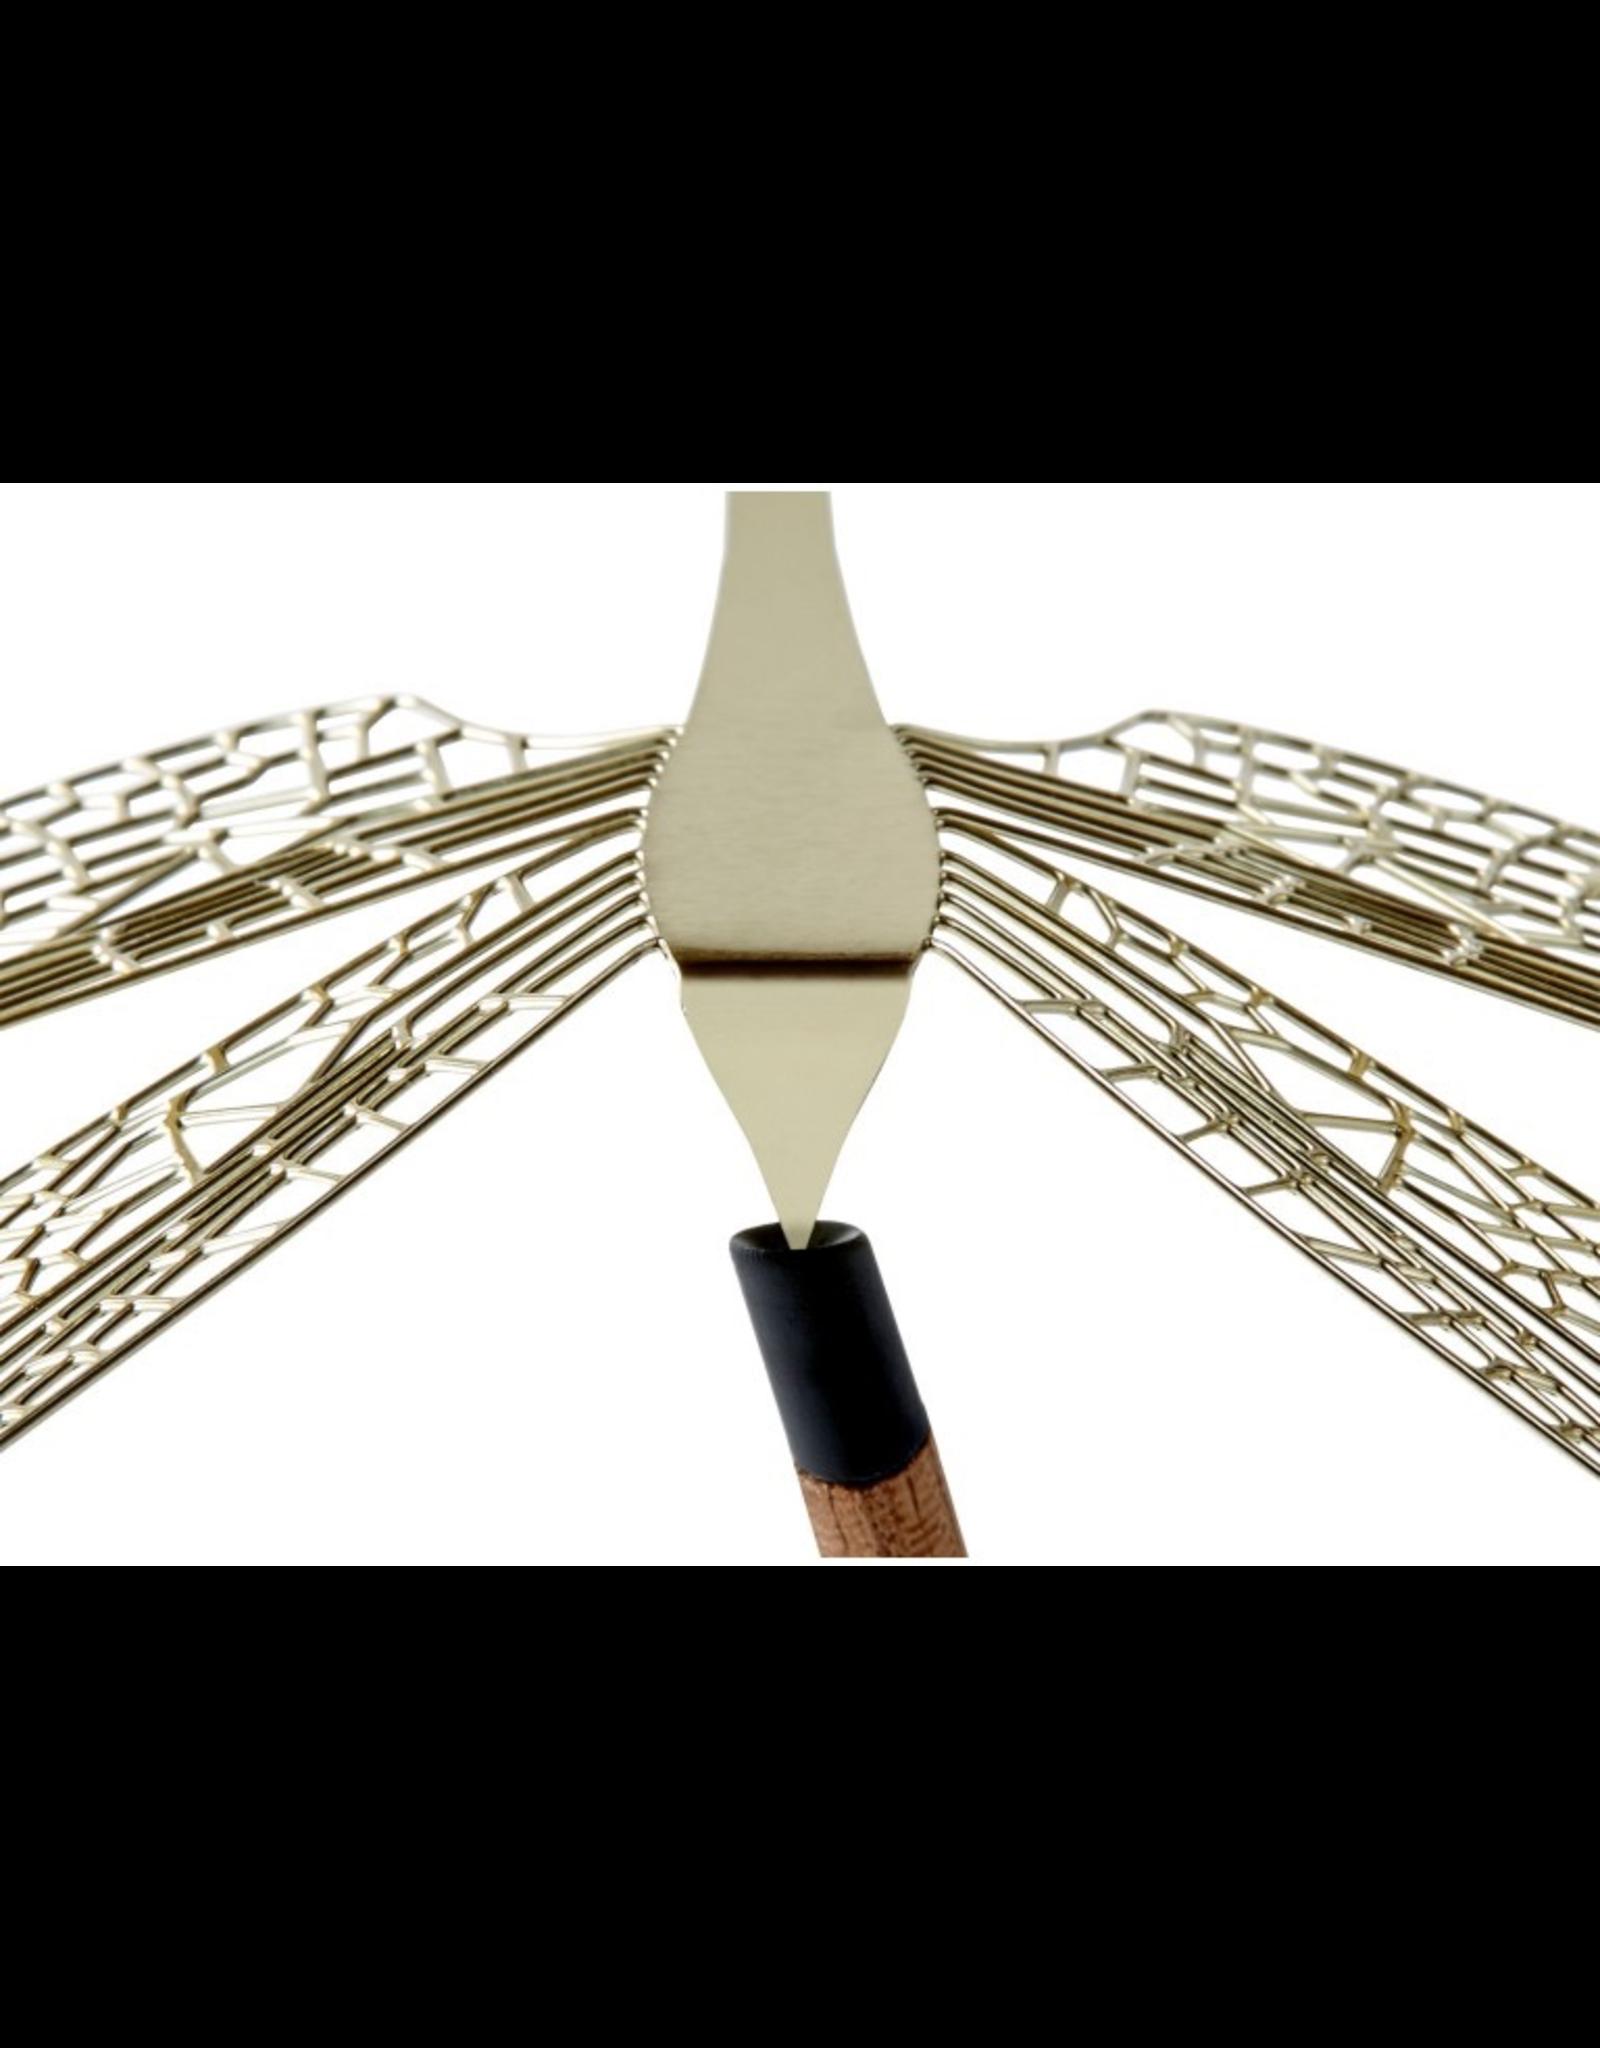 decoratie Merveille libellule 1pcs l - laiton